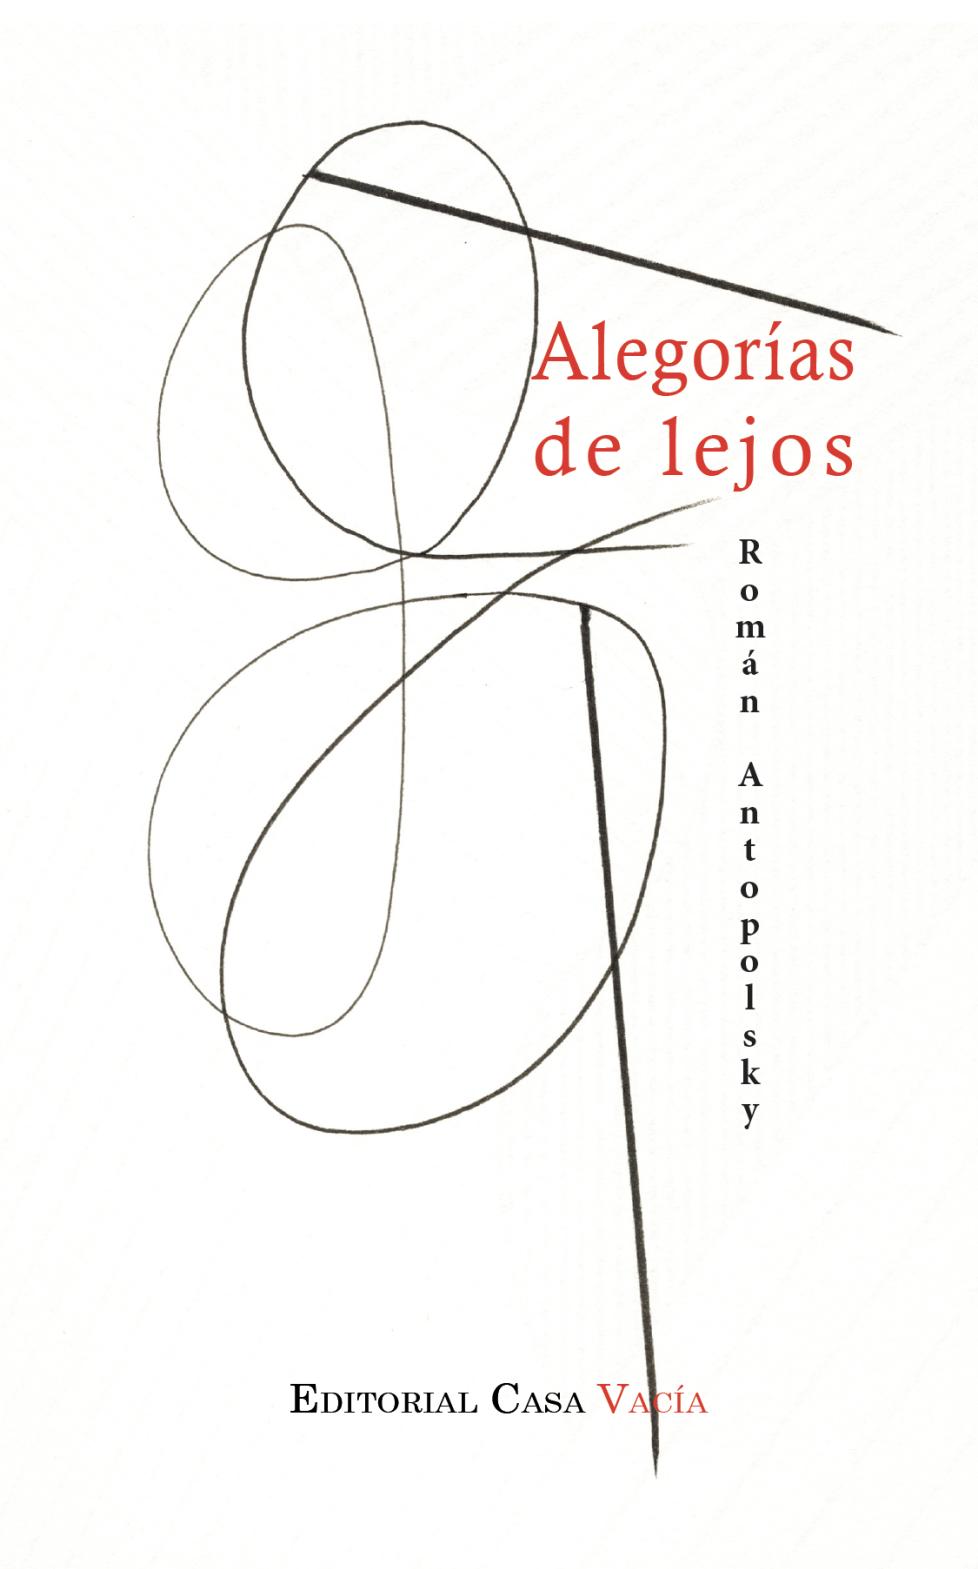 13.-Alegorias-de-lejos-prosa-crop